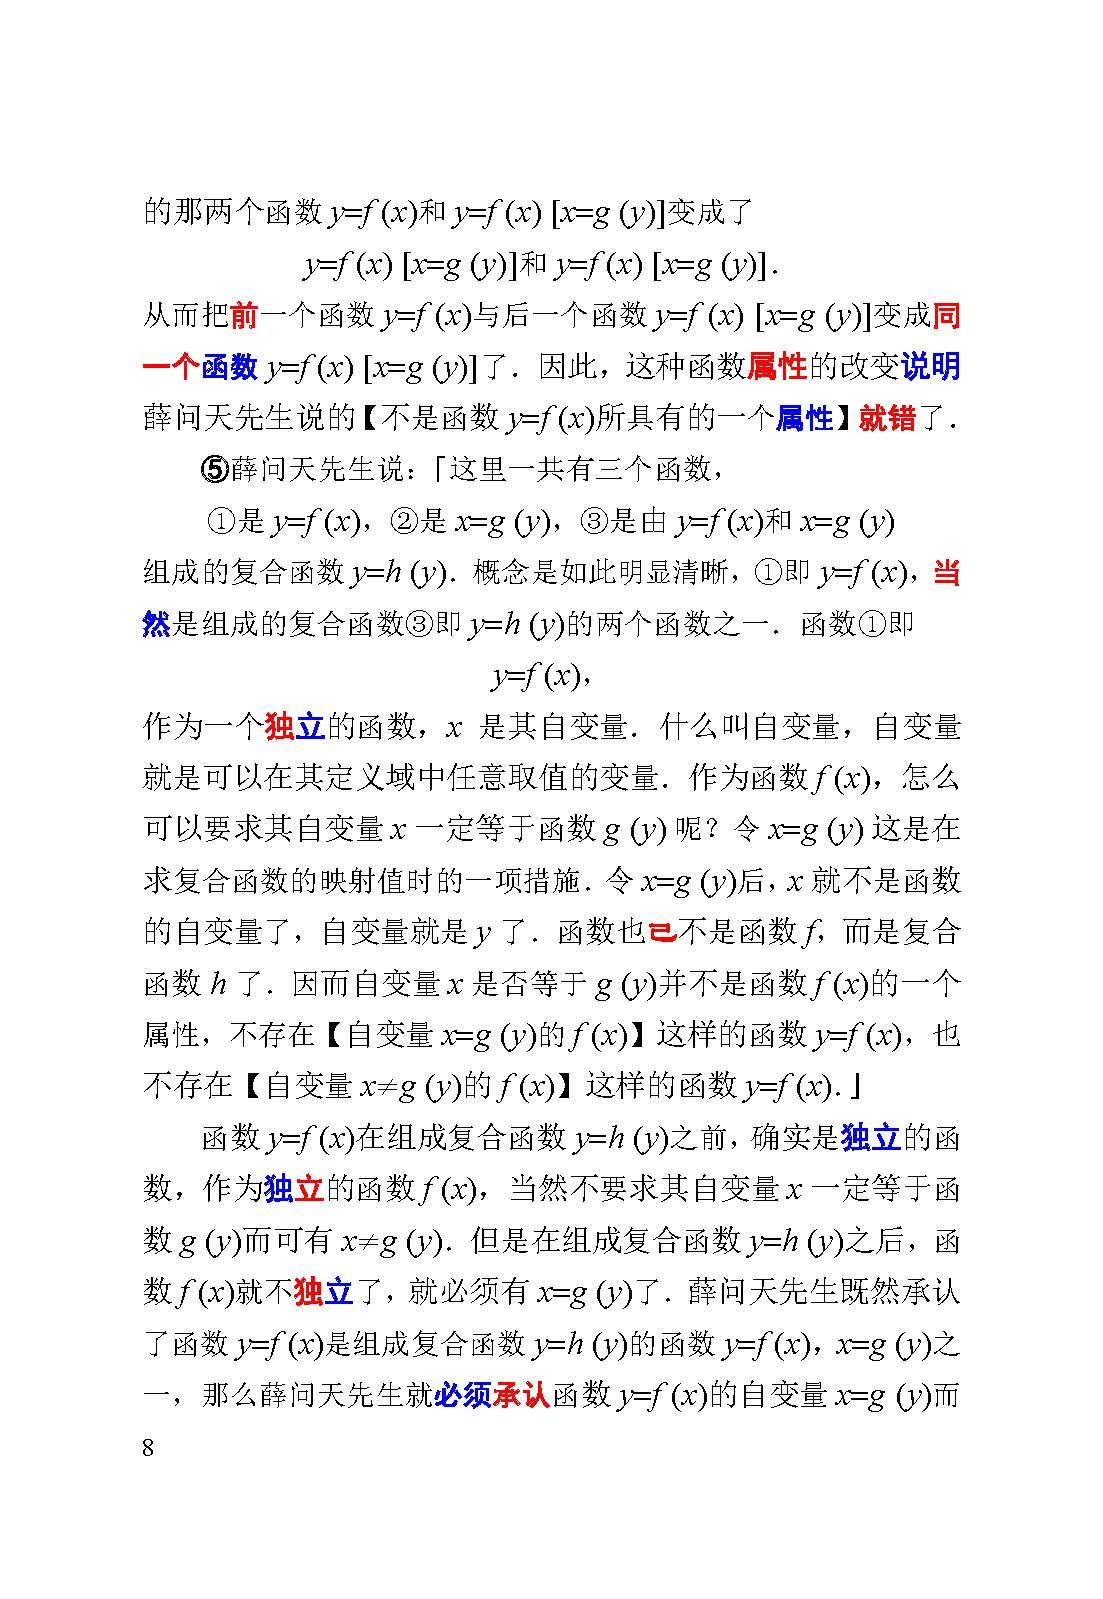 评薛问天先生的文章0366_页面_08.jpg